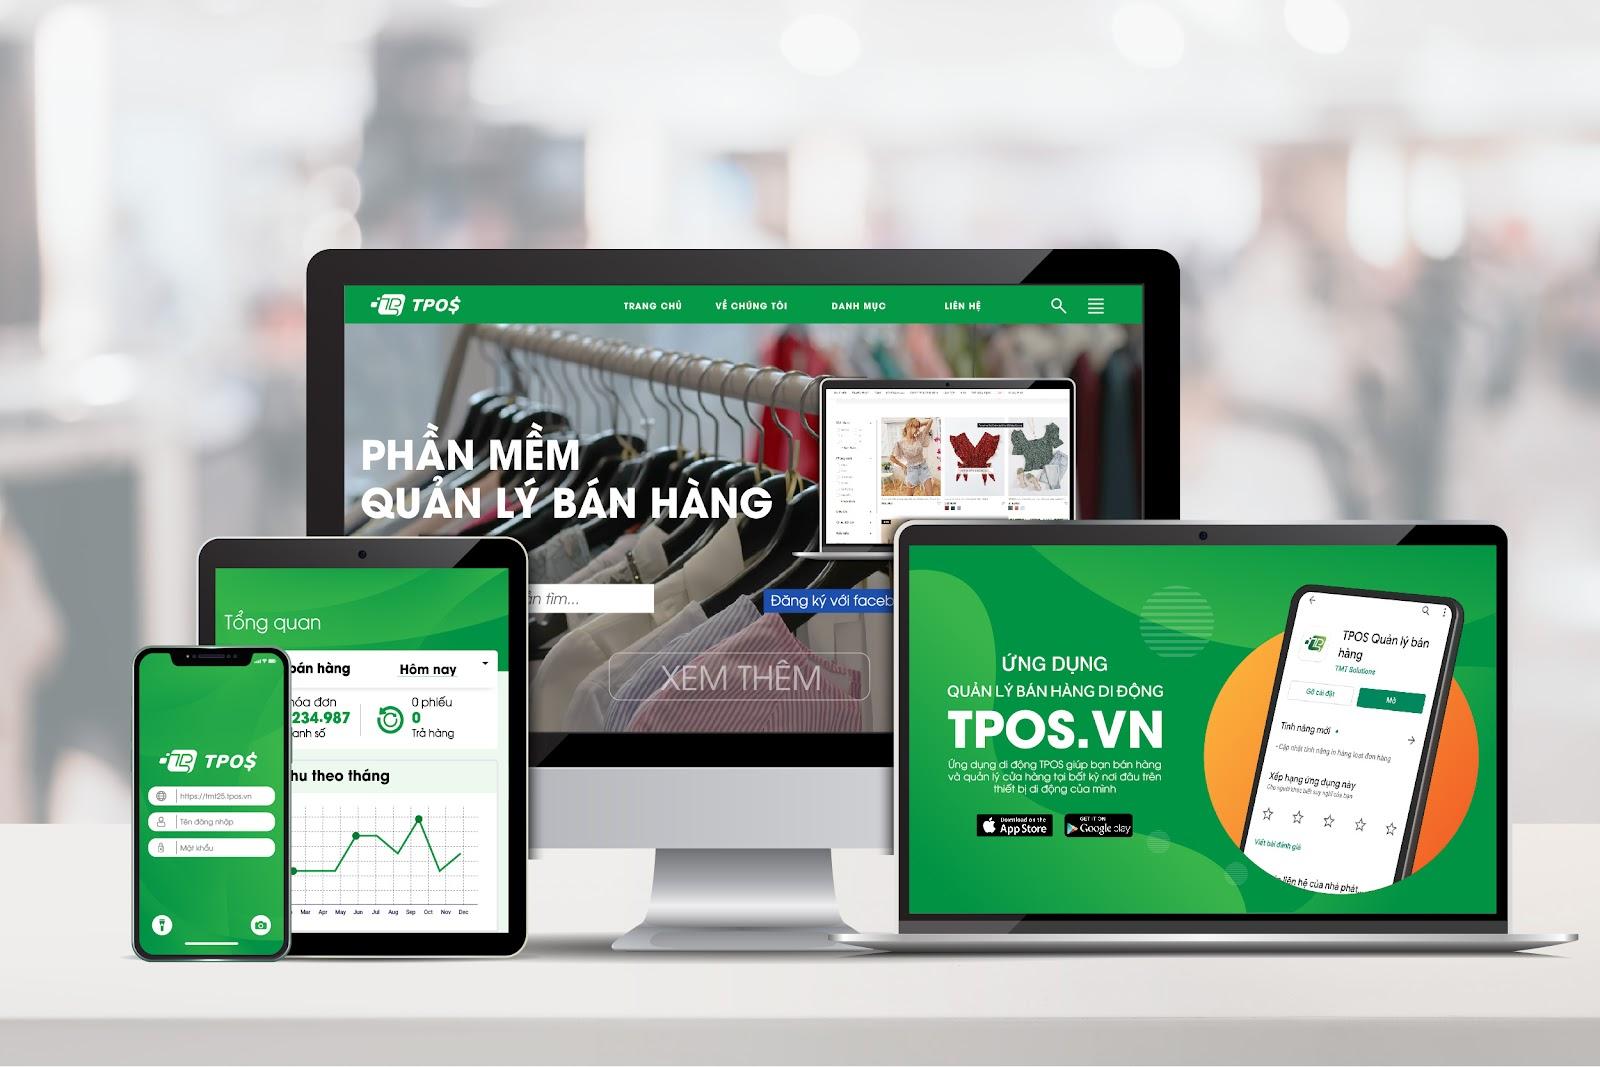 Phần mềm quản lý bán hàng TPOS